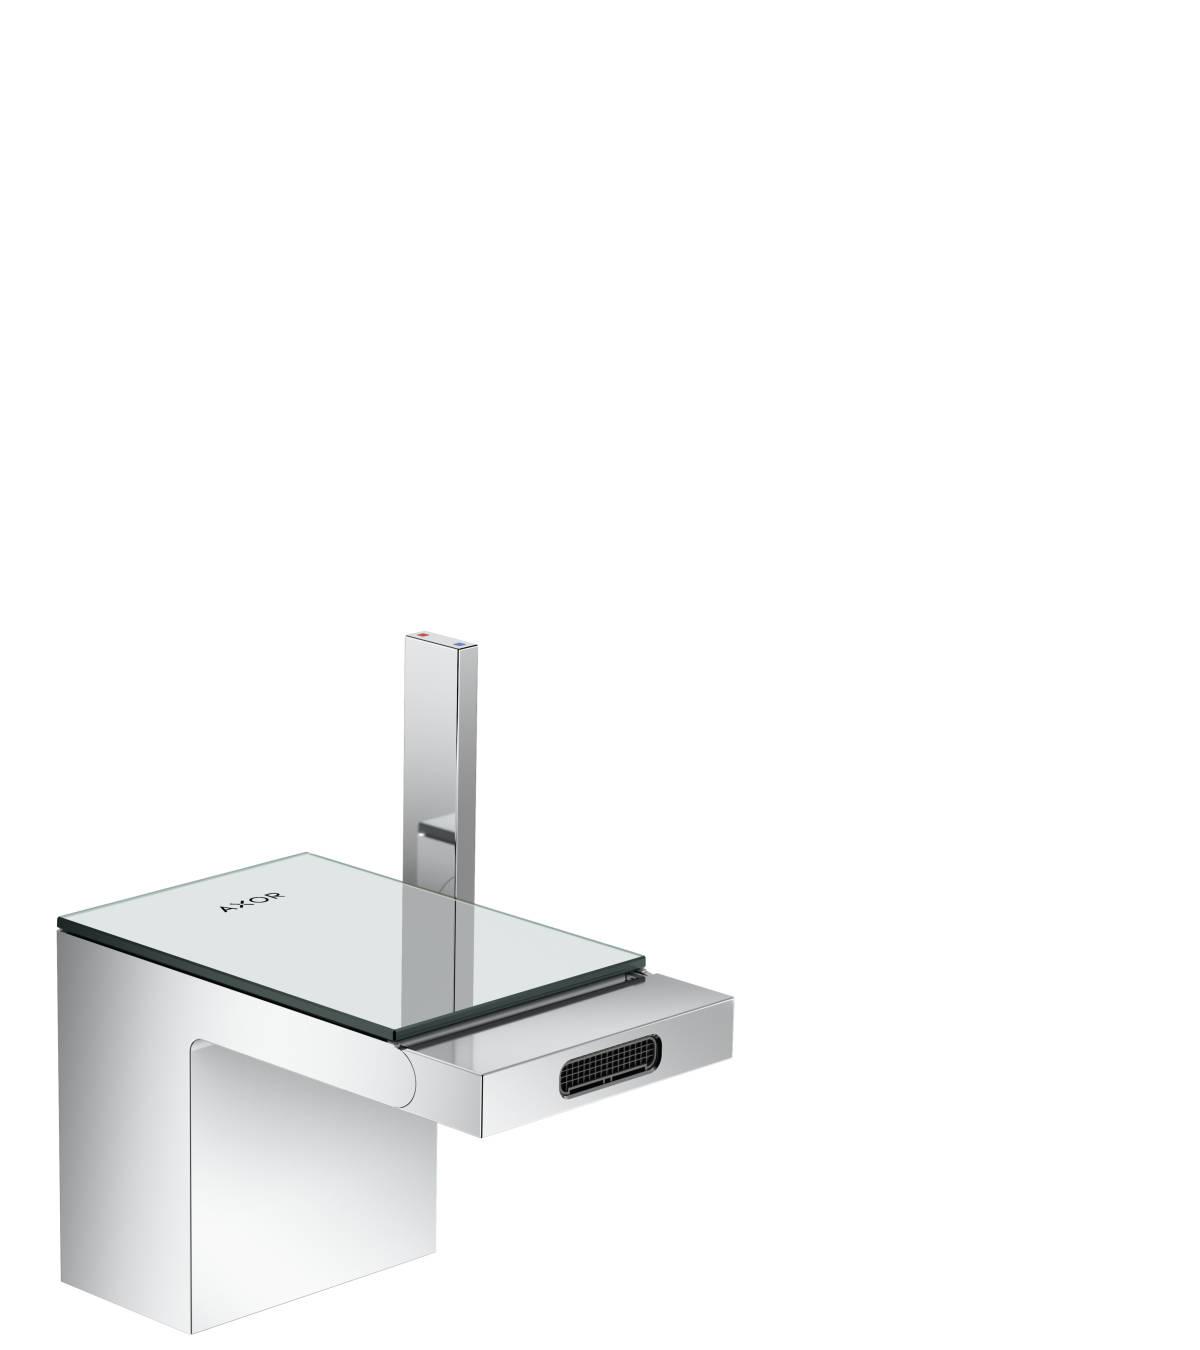 Einhebel-Bidetmischer mit Push-Open Ablaufgarnitur, Chrom/Spiegelglas, 47210000